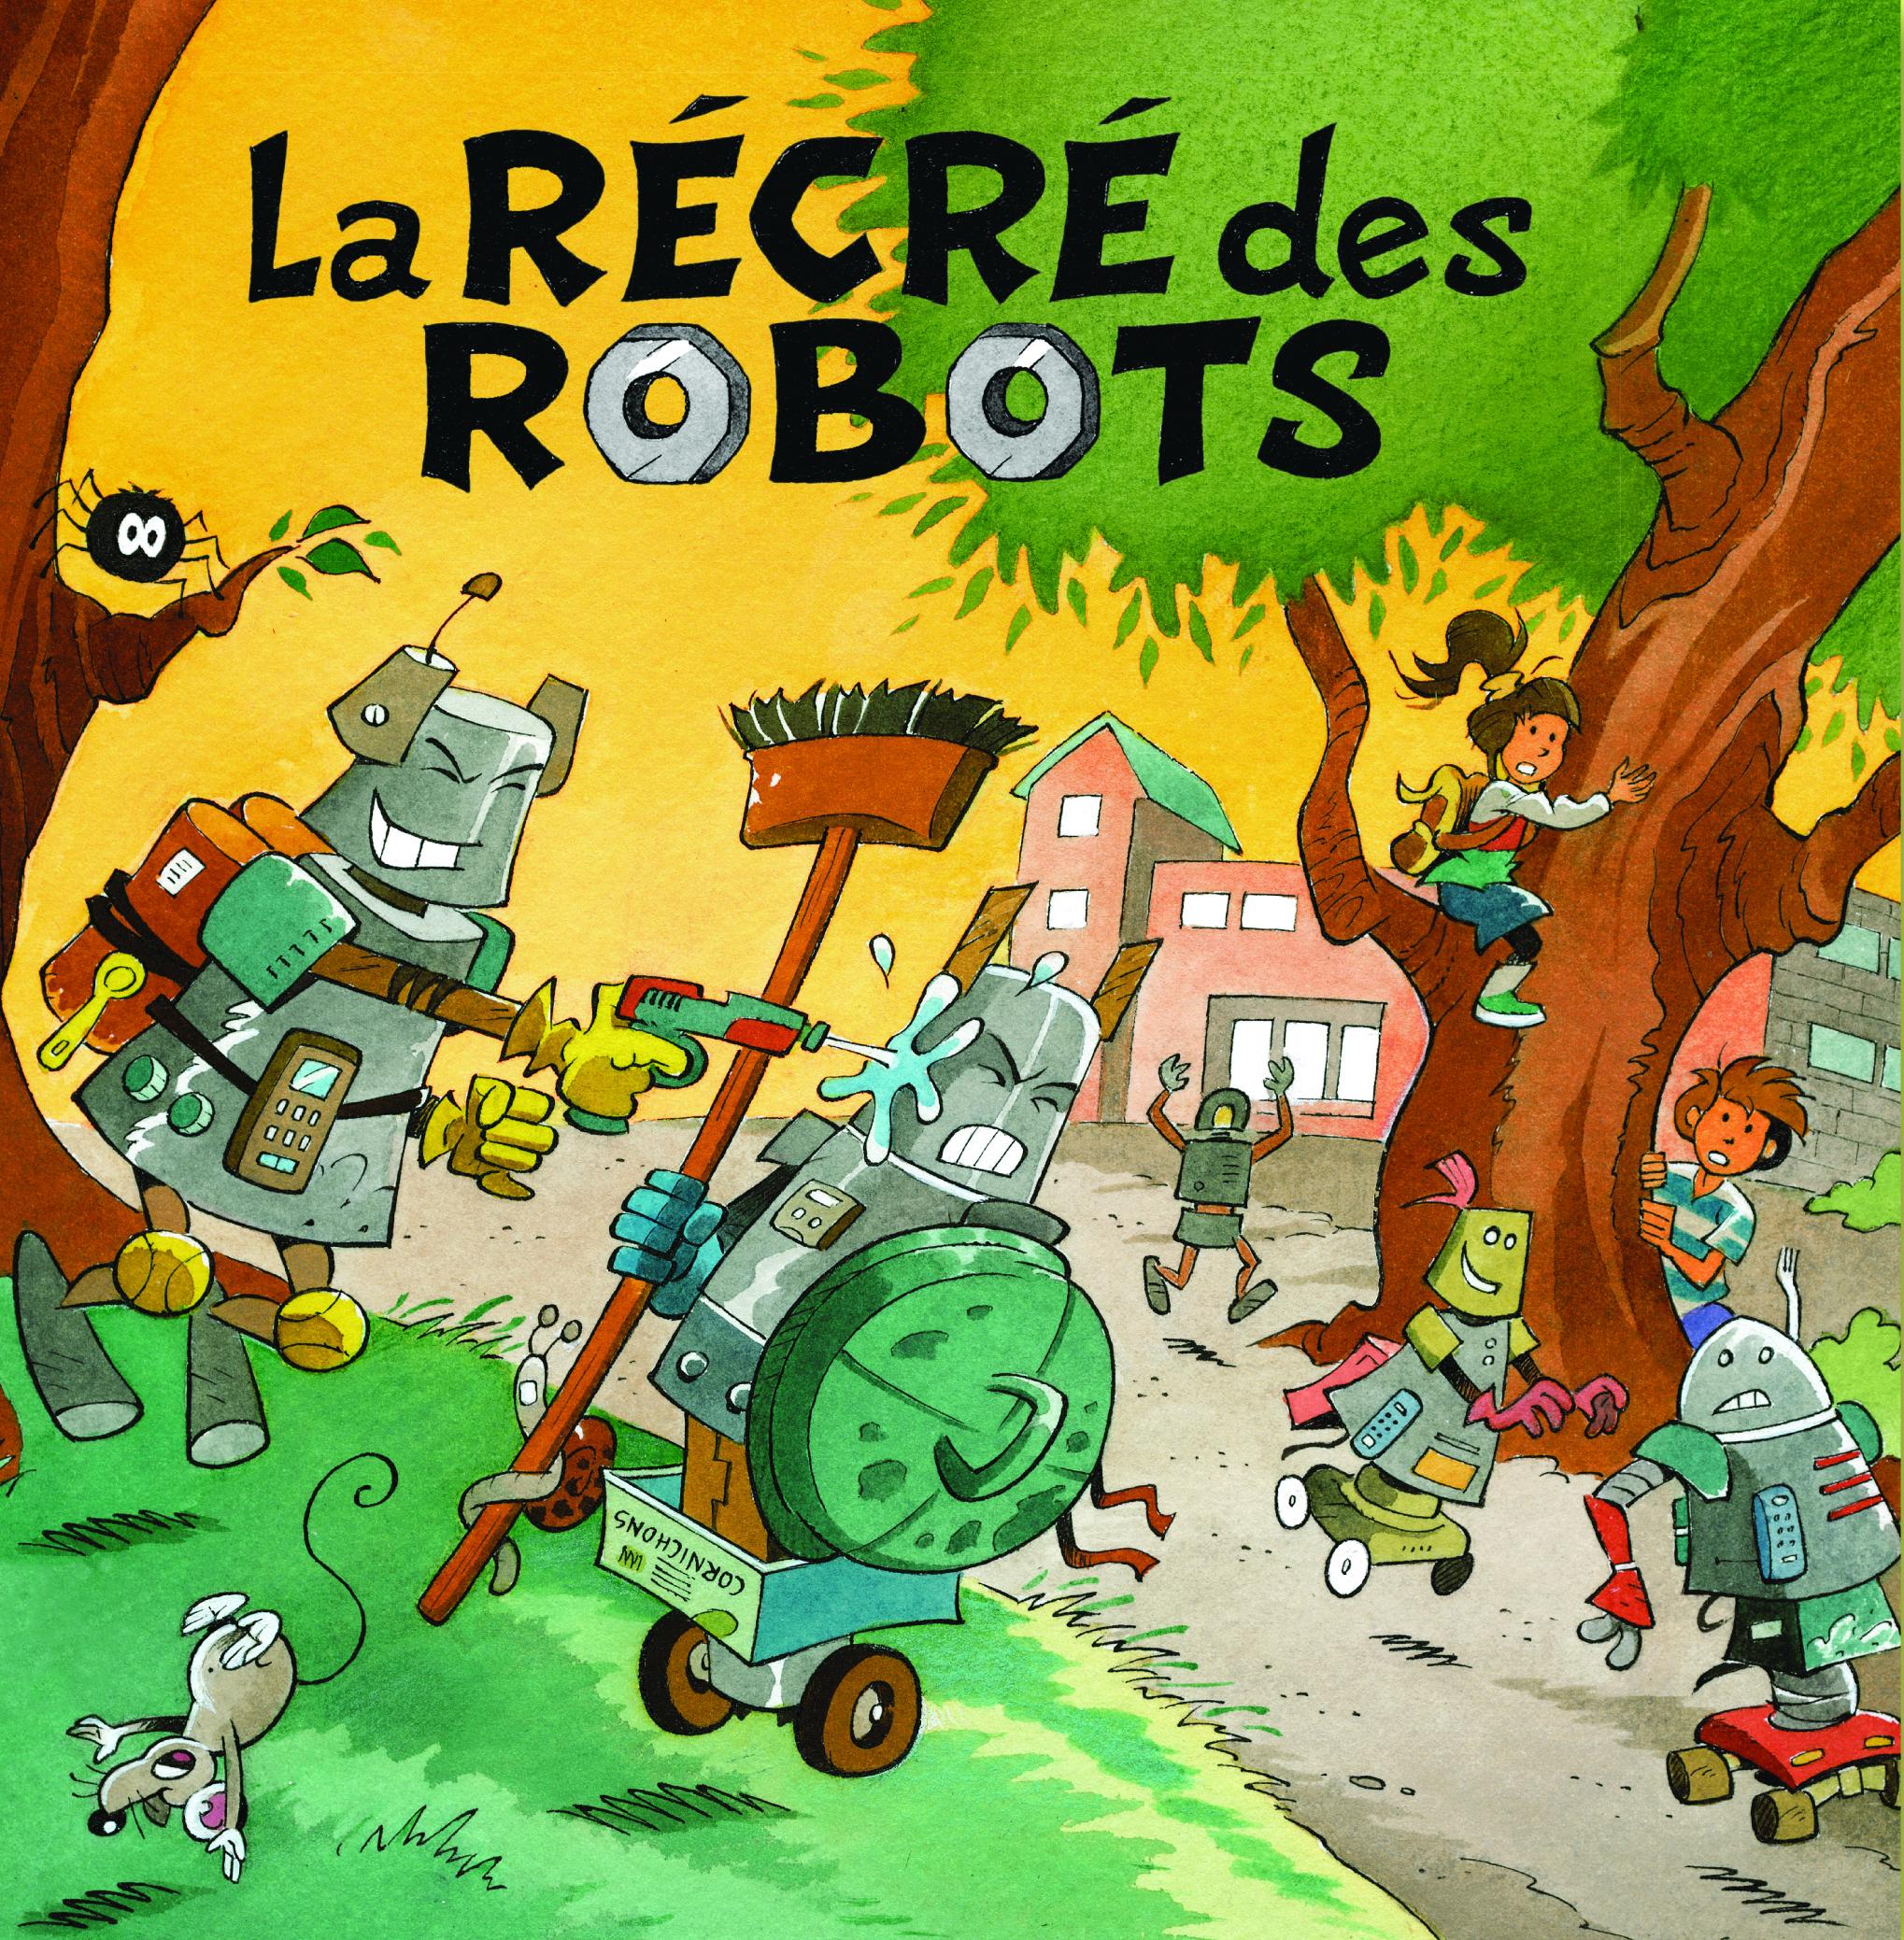 La récré des robots